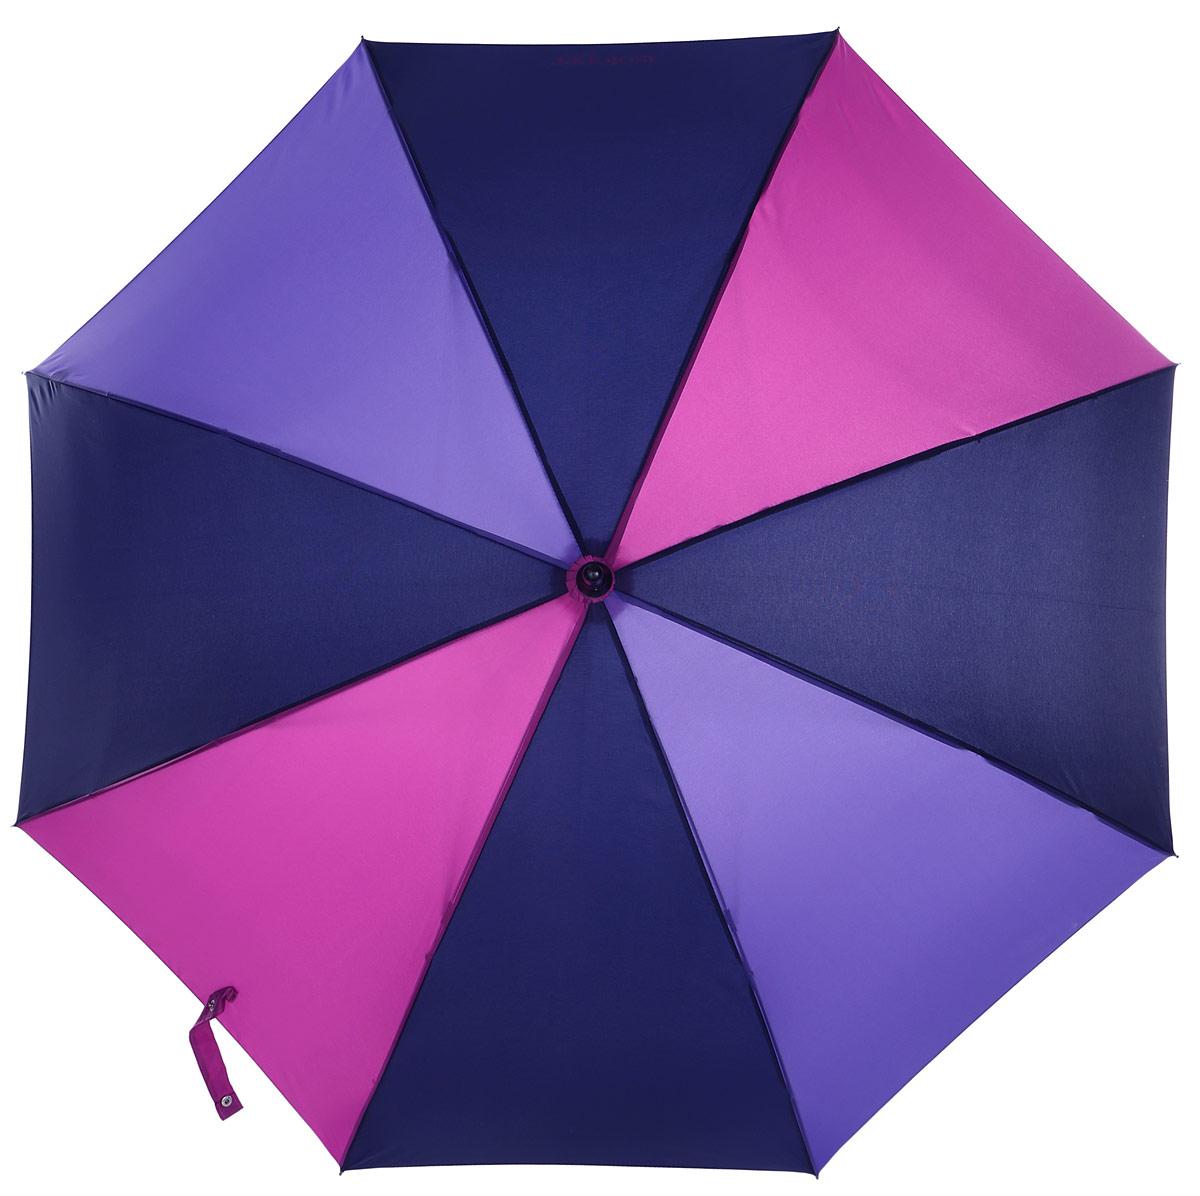 Зонт-трость женский Isotoner, полуавтомат, цвет: черный, сиреневый, фуксия. 09457-329609457-3296_ПолосаПолуавтоматический зонт-трость Isotoner оформлен тремя оттенками. Он оснащен надежным металлическим каркасом с восьмью спицами из алюминия и стеклопластика. Купол изготовлен из полиэстера. Модель застегивается с помощью хлястика на кнопку. Эргономичная рукоятка выполнена из пластика с приятным на ощупь покрытием. Такой зонт не только надежно защитит вас от дождя, но и станет стильным аксессуаром, который идеально подчеркнет ваш образ.